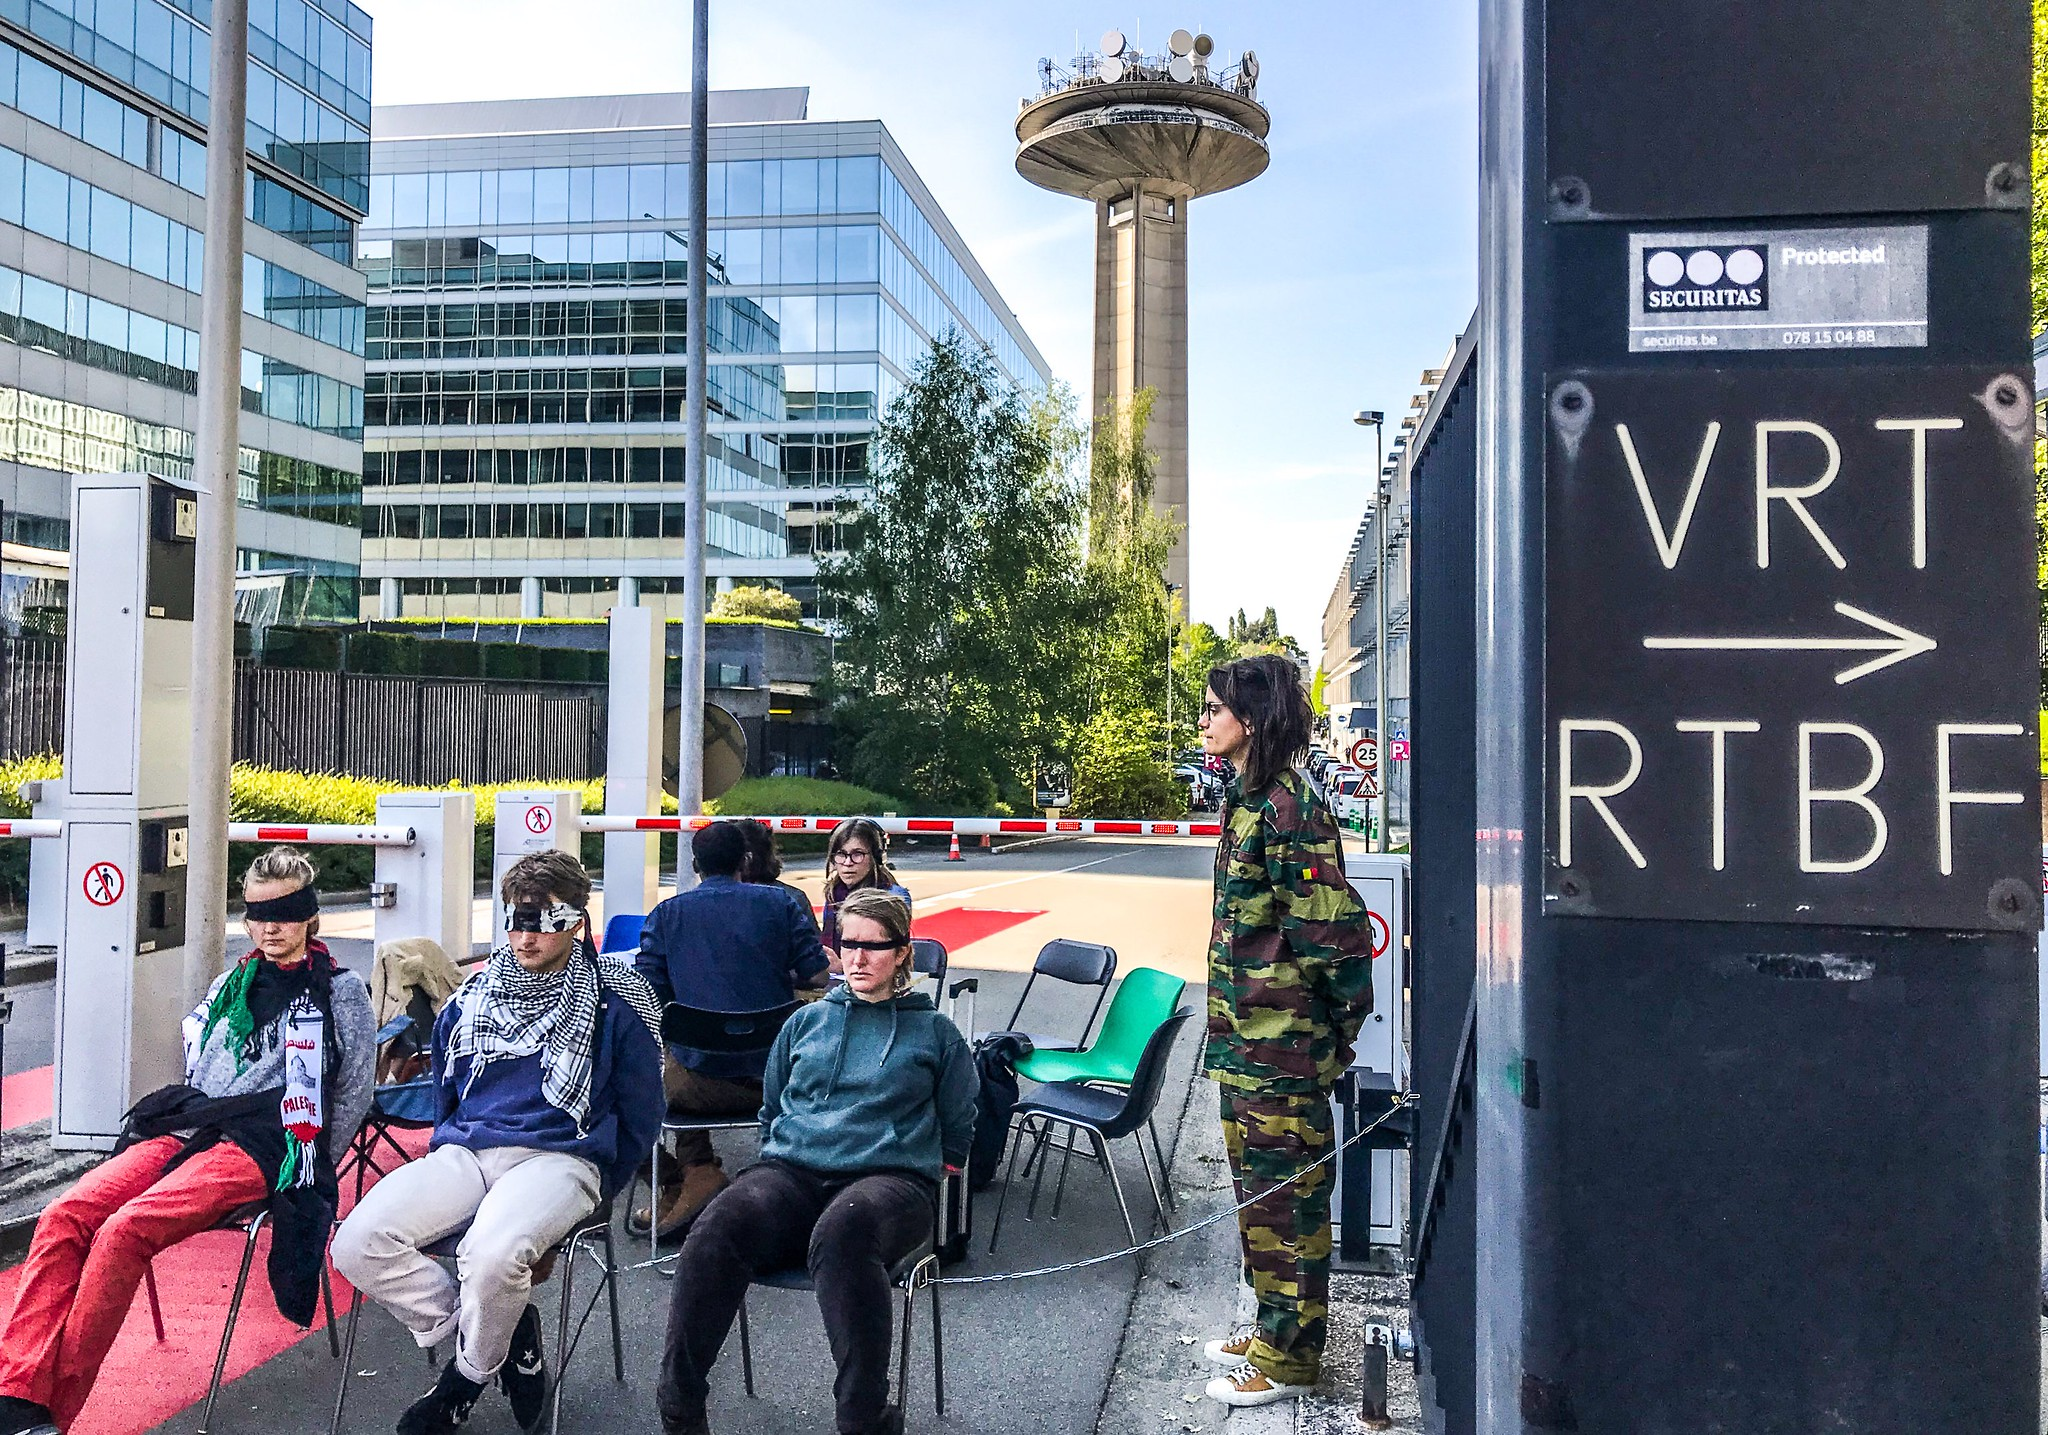 Activisten richten symbolische checkpoints op aan de VRT en RTBF uit protest tegen Eurovisiesongfestival in Israël